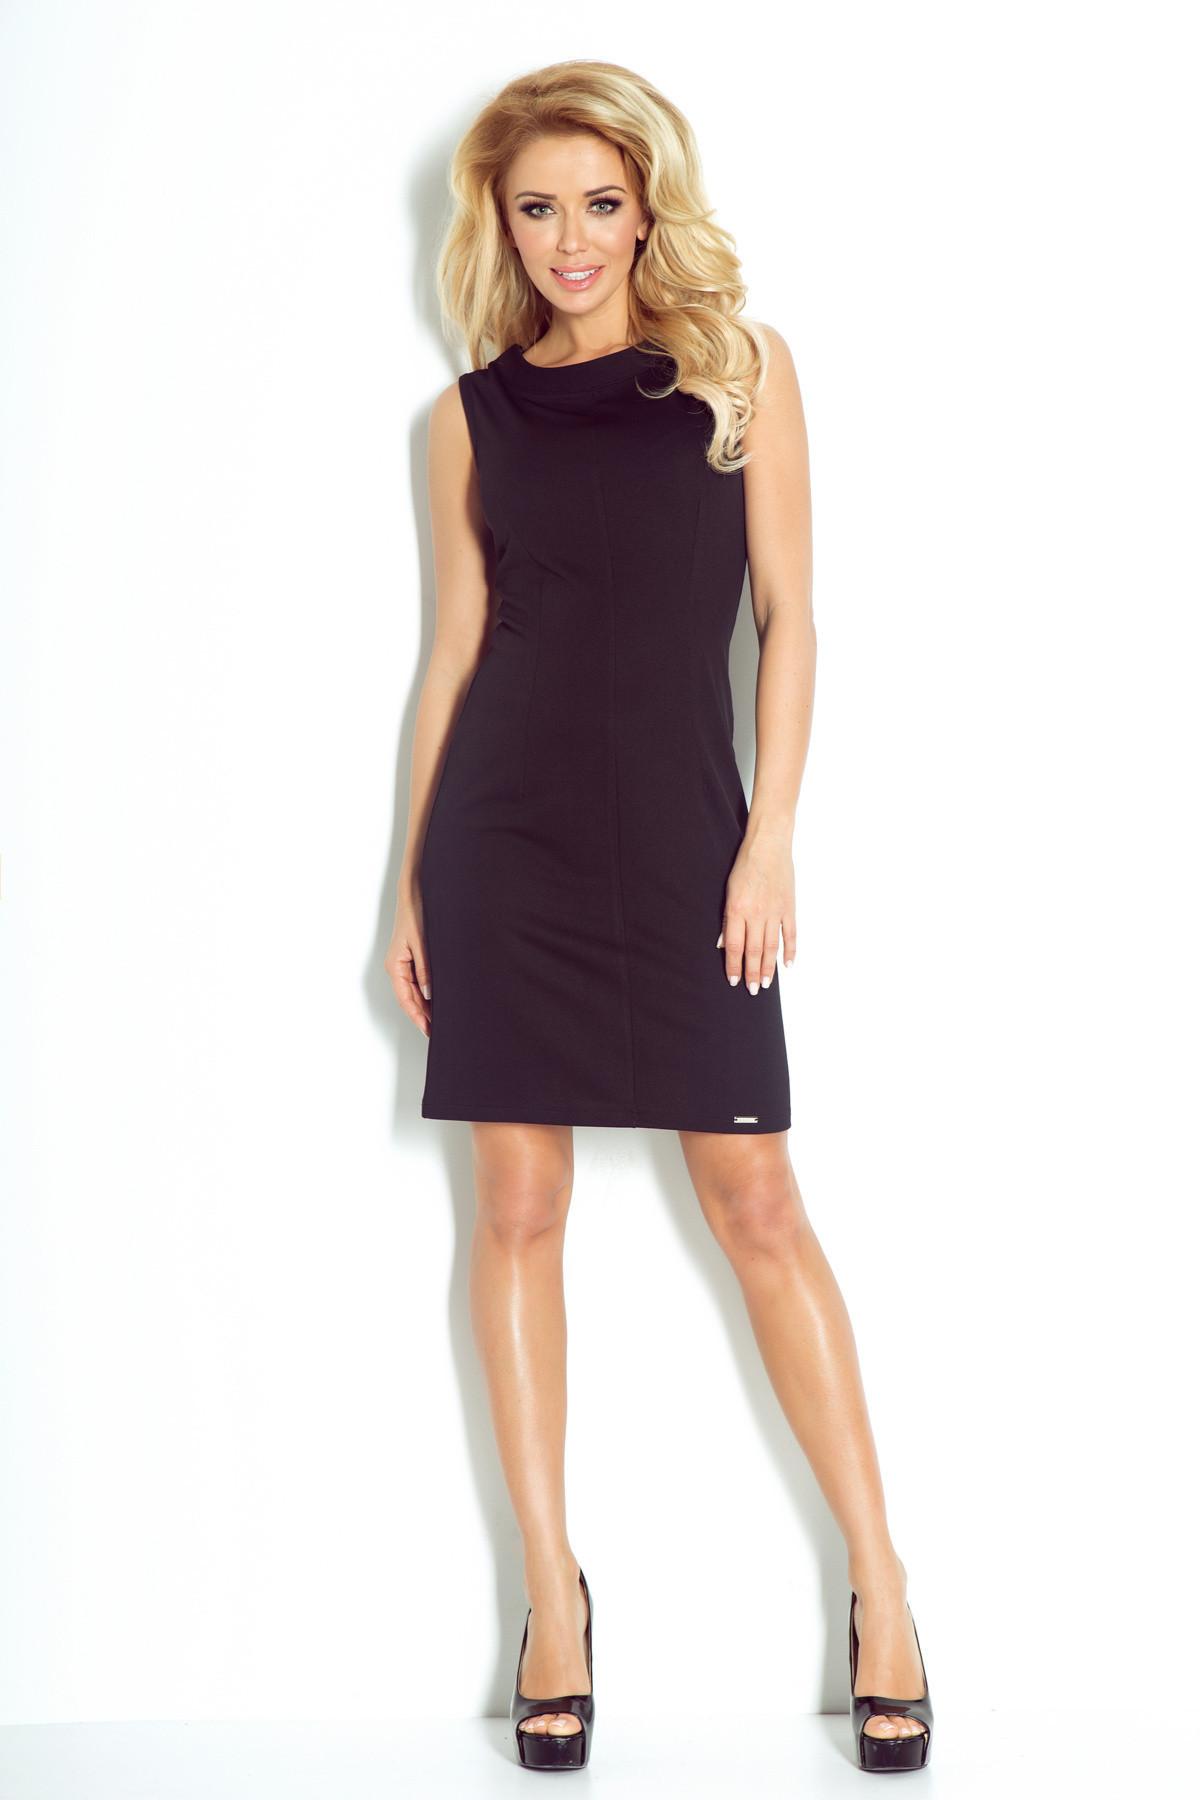 Dámske spoločenské šaty značkové vypasované bez rukávu krátke čierne - Čierna / XL - Numoco čierna XL